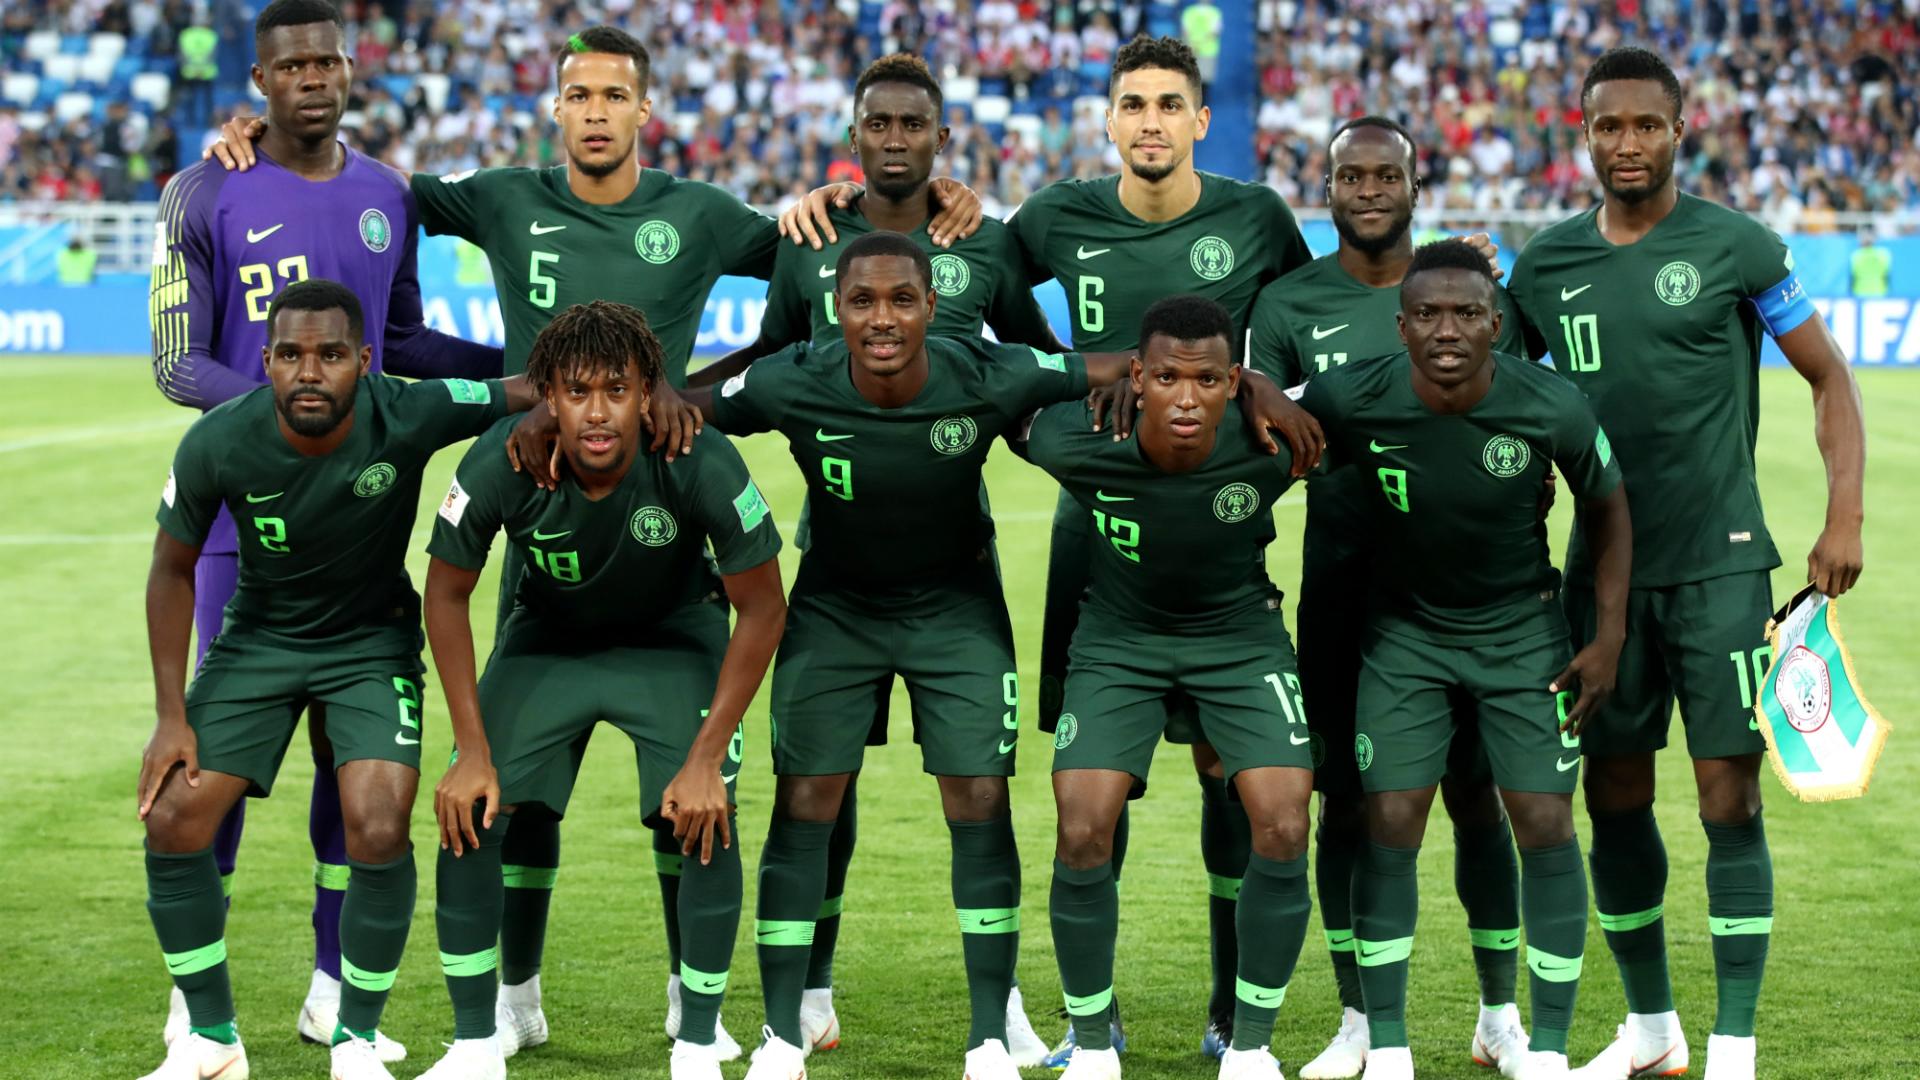 Nigeria 2018 WM Kader Ergebnisse Highlights